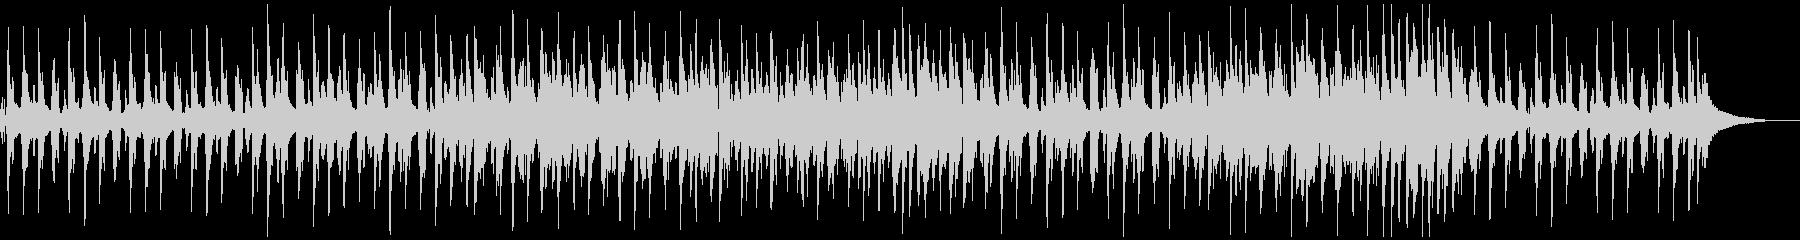 大正ロマン/レトロな雰囲気の3拍子ジャズの未再生の波形